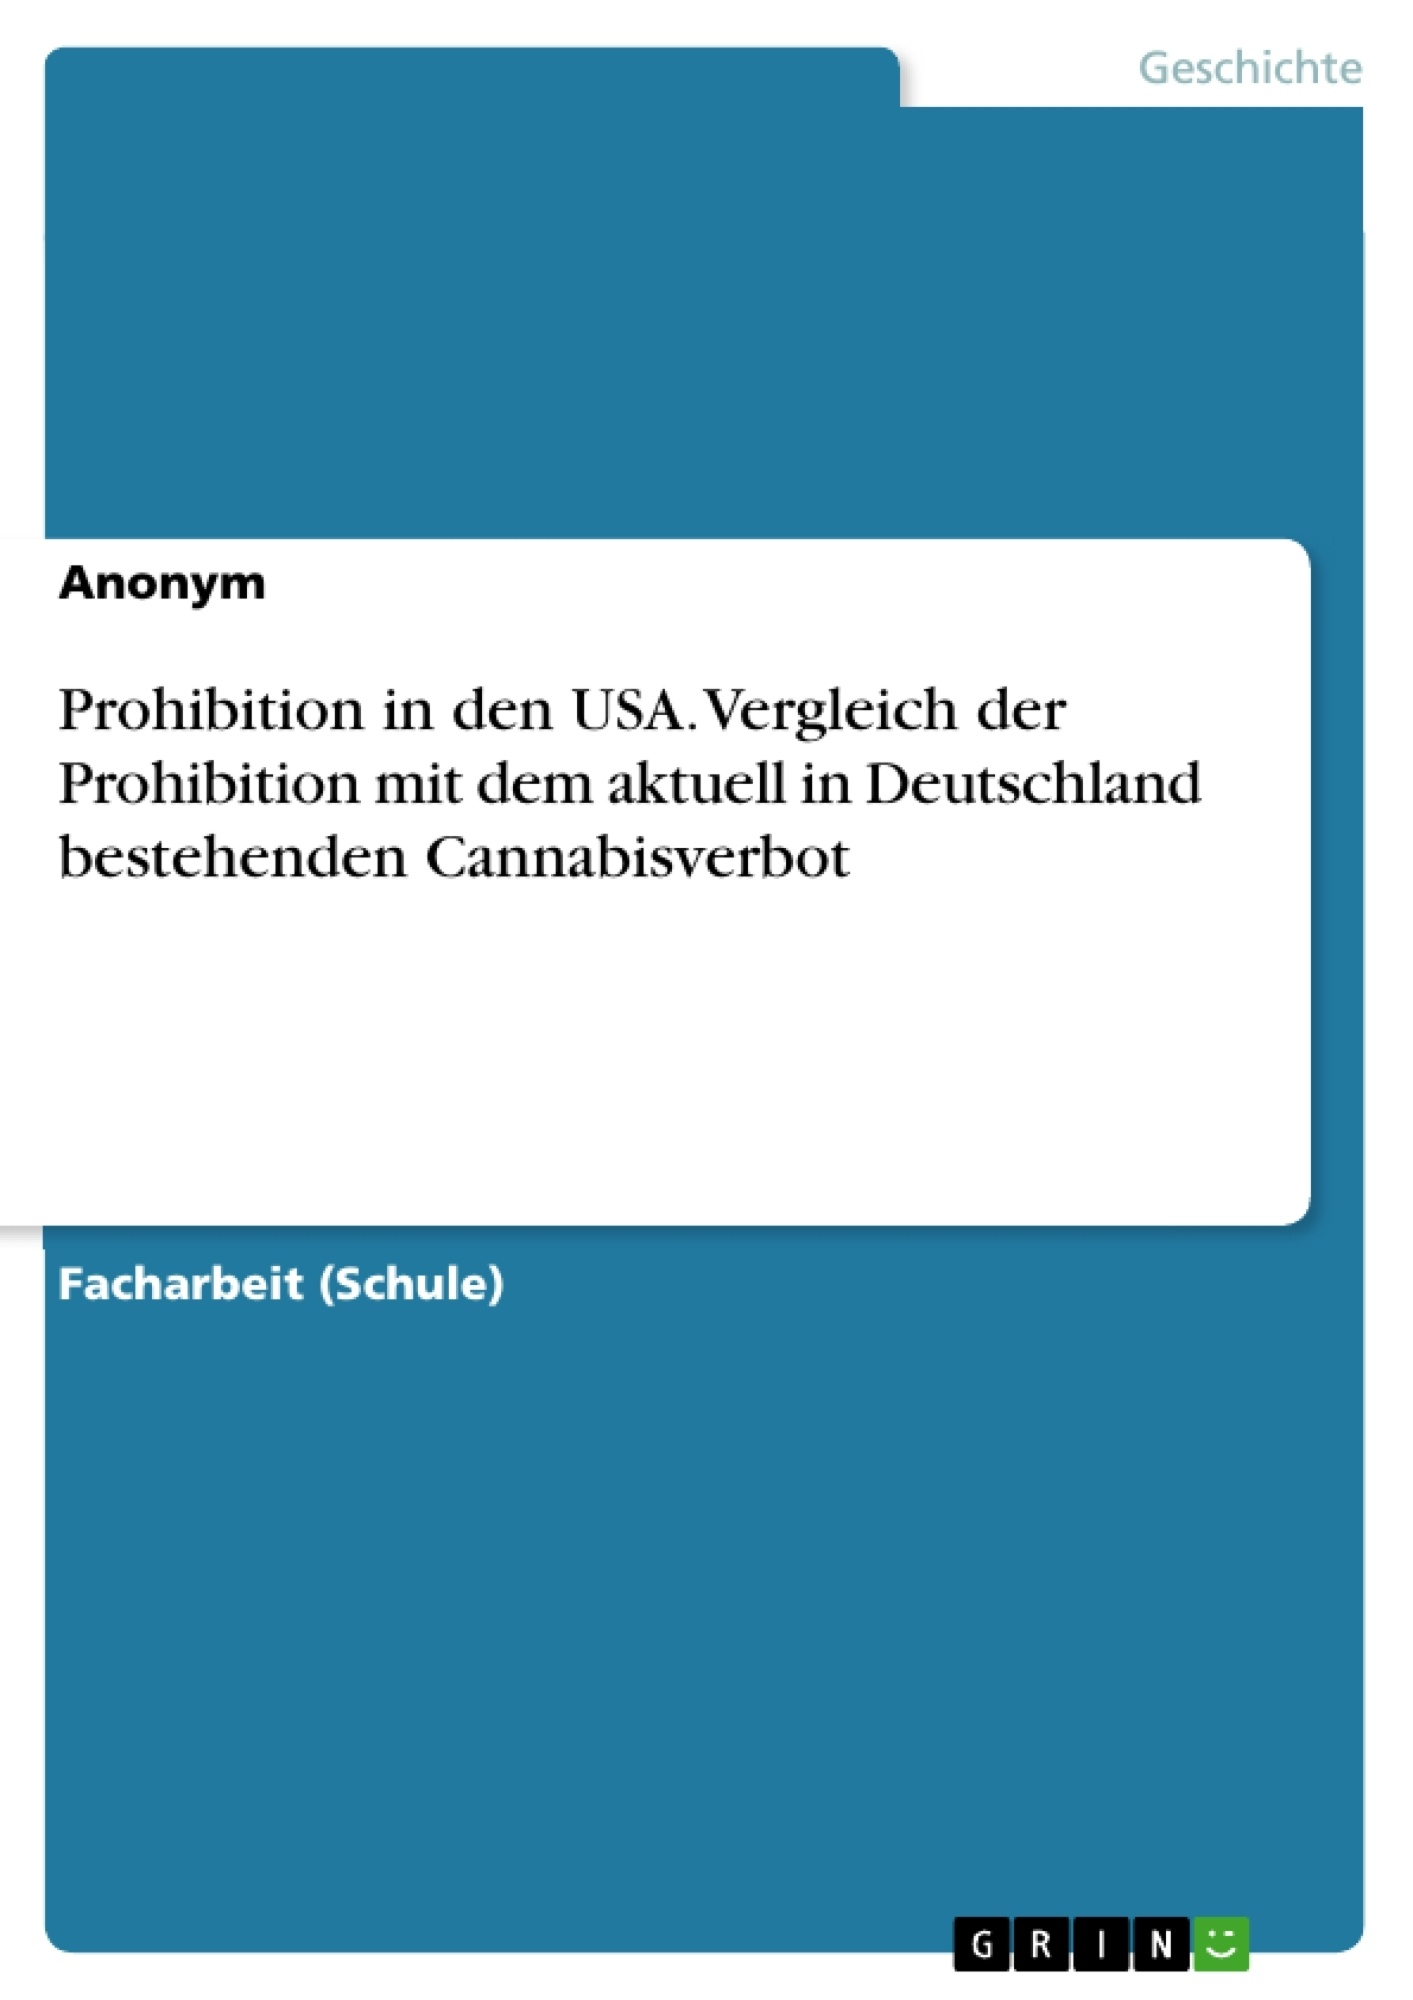 Titel: Prohibition in den USA.  Vergleich der Prohibition mit dem aktuell in Deutschland bestehenden Cannabisverbot